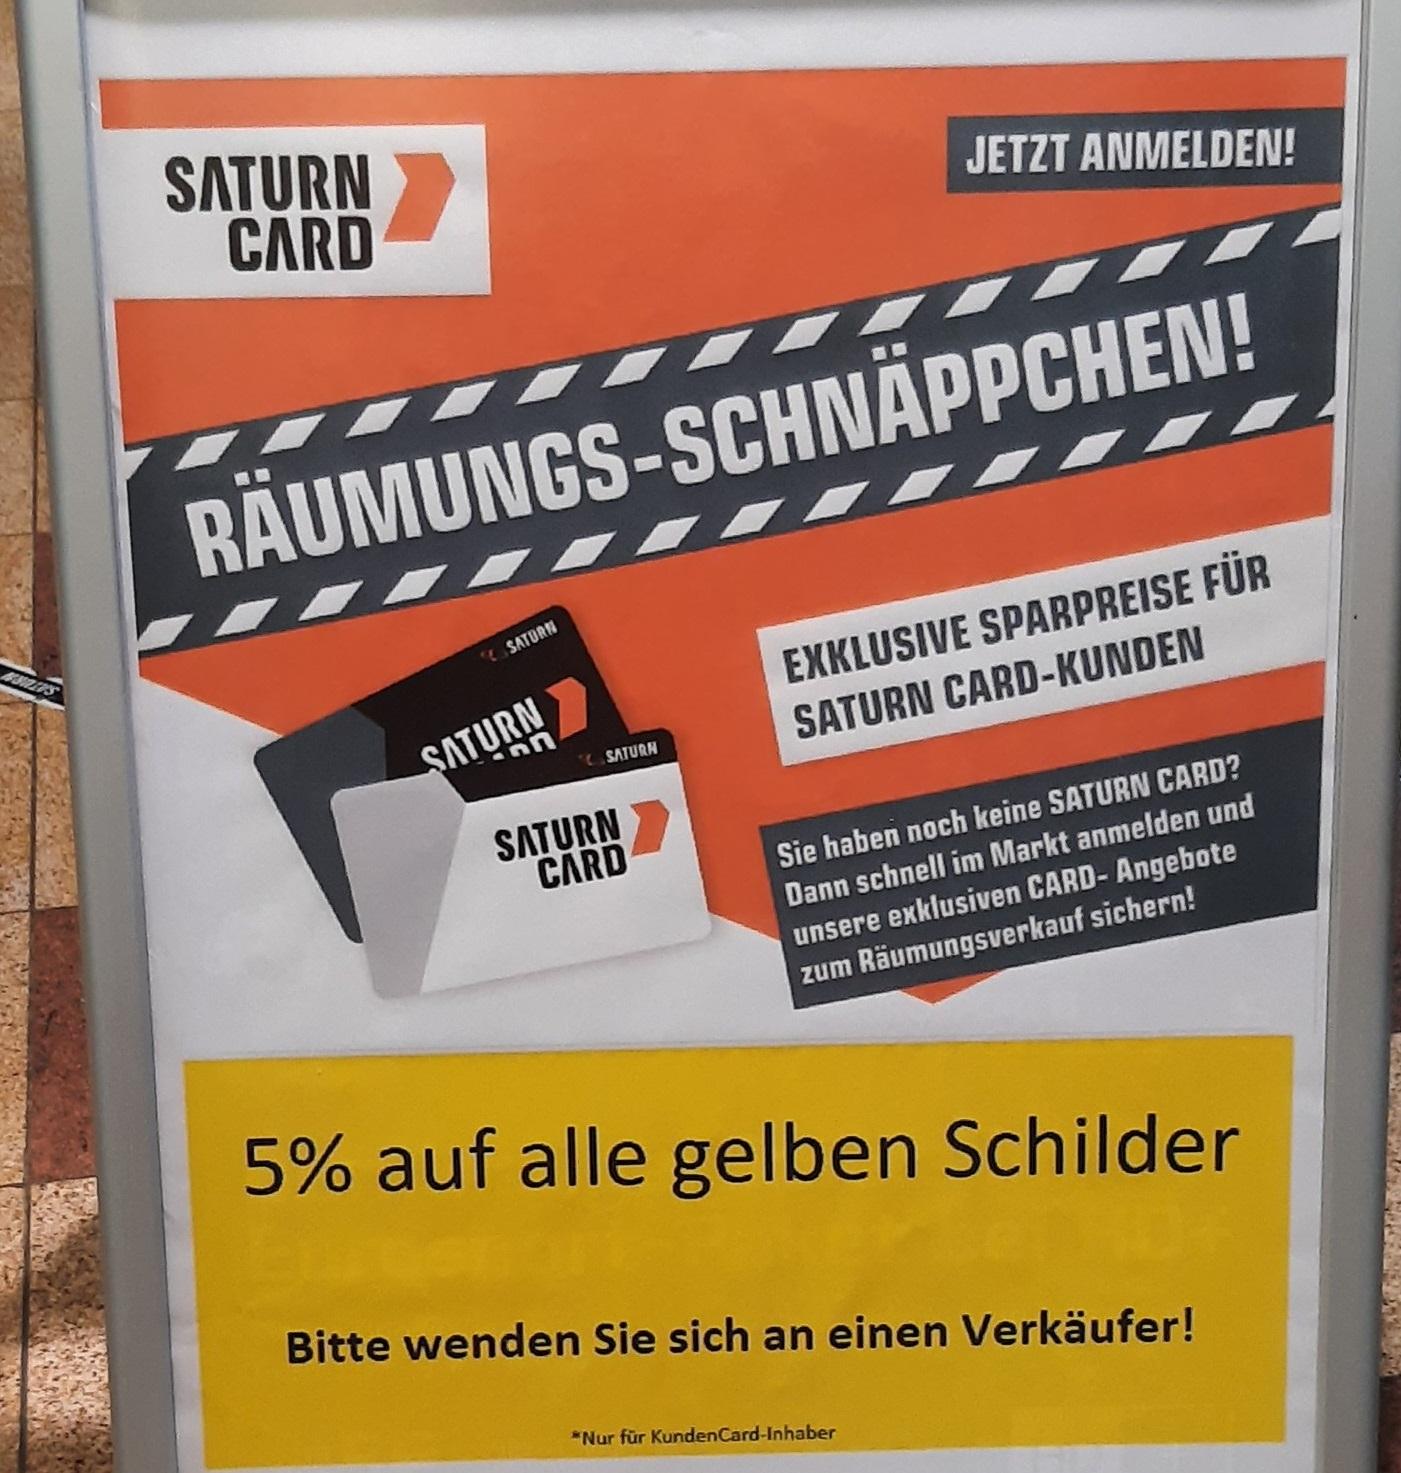 [Lokal Ludwigshafen Saturn] 5 % auf Gelbe Schilder mit Saturn-Card und diverse Abverkäufe wegen Schließung